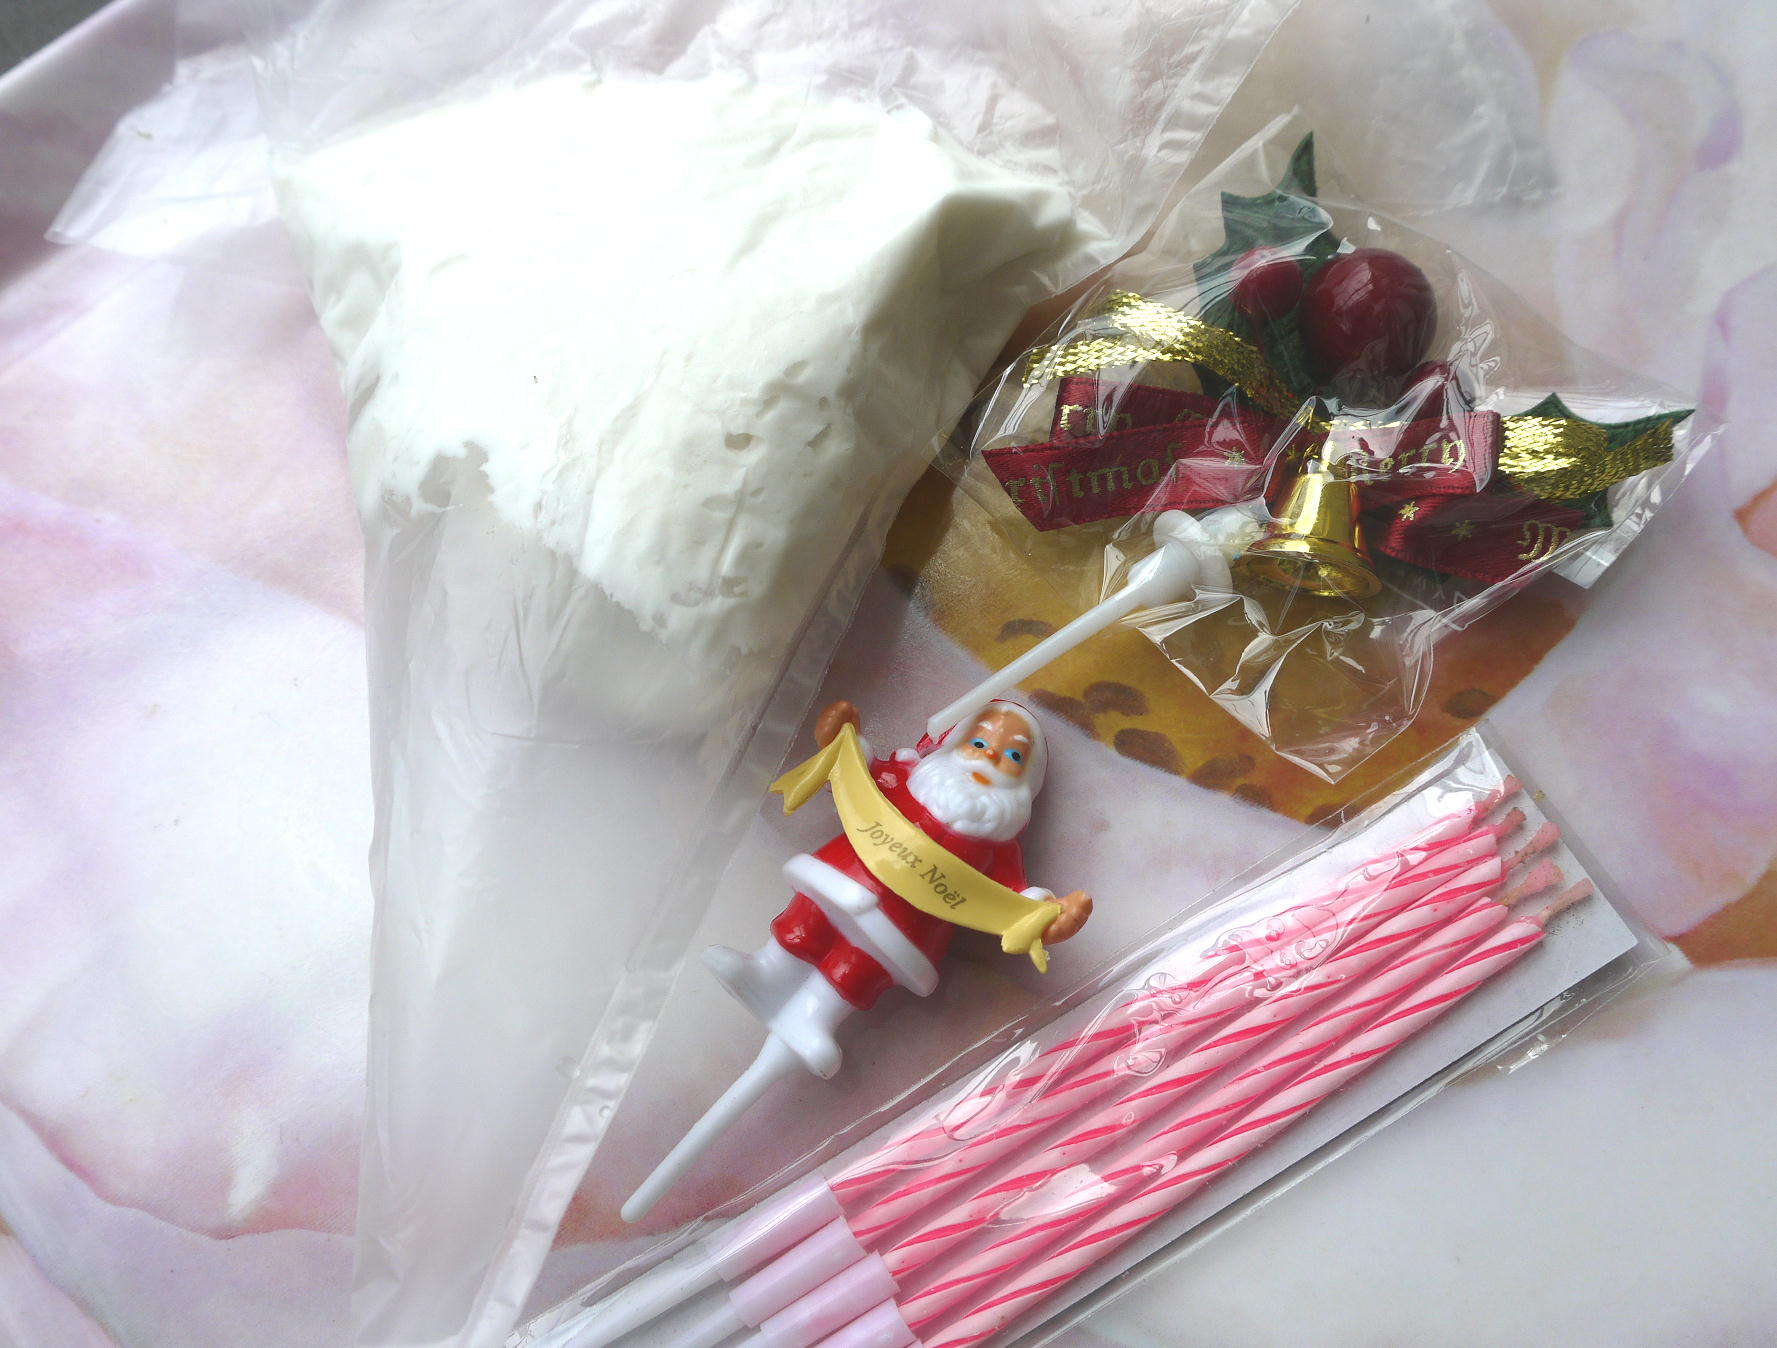 アレルギー対応 卵 牛乳 小麦 クリスマスケーキ